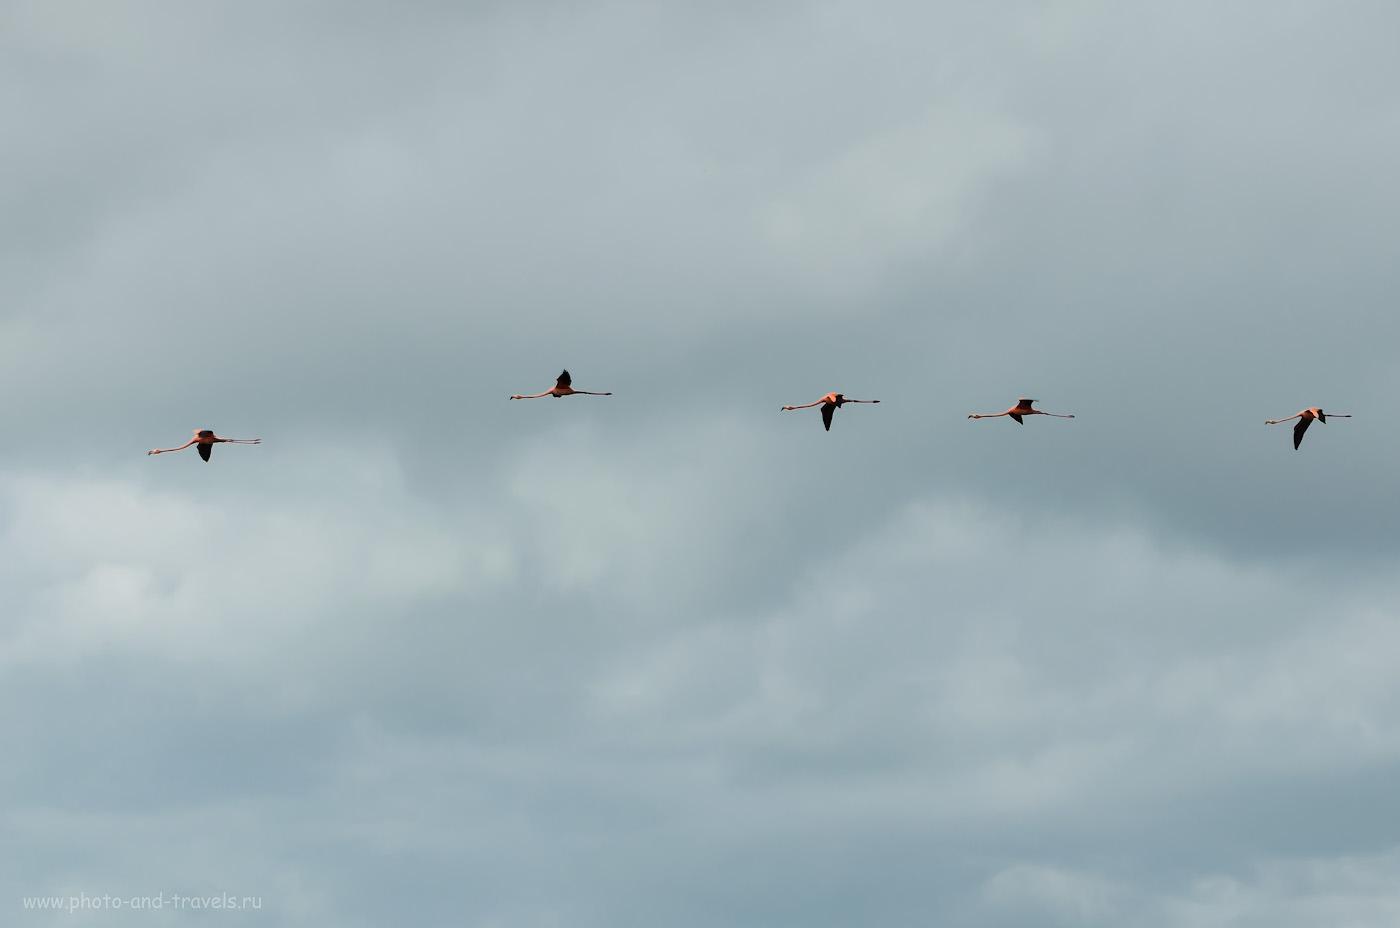 Снимок 11. Что лучше увидеть: синицу на руке или фламинго в небе? Отчеты туристов о поездке по Мексике на машине. Описание экскурсии в парк Сумидеро, где можно увидеть этих грационзных птиц. 1/250, 13.0, 100, 55.